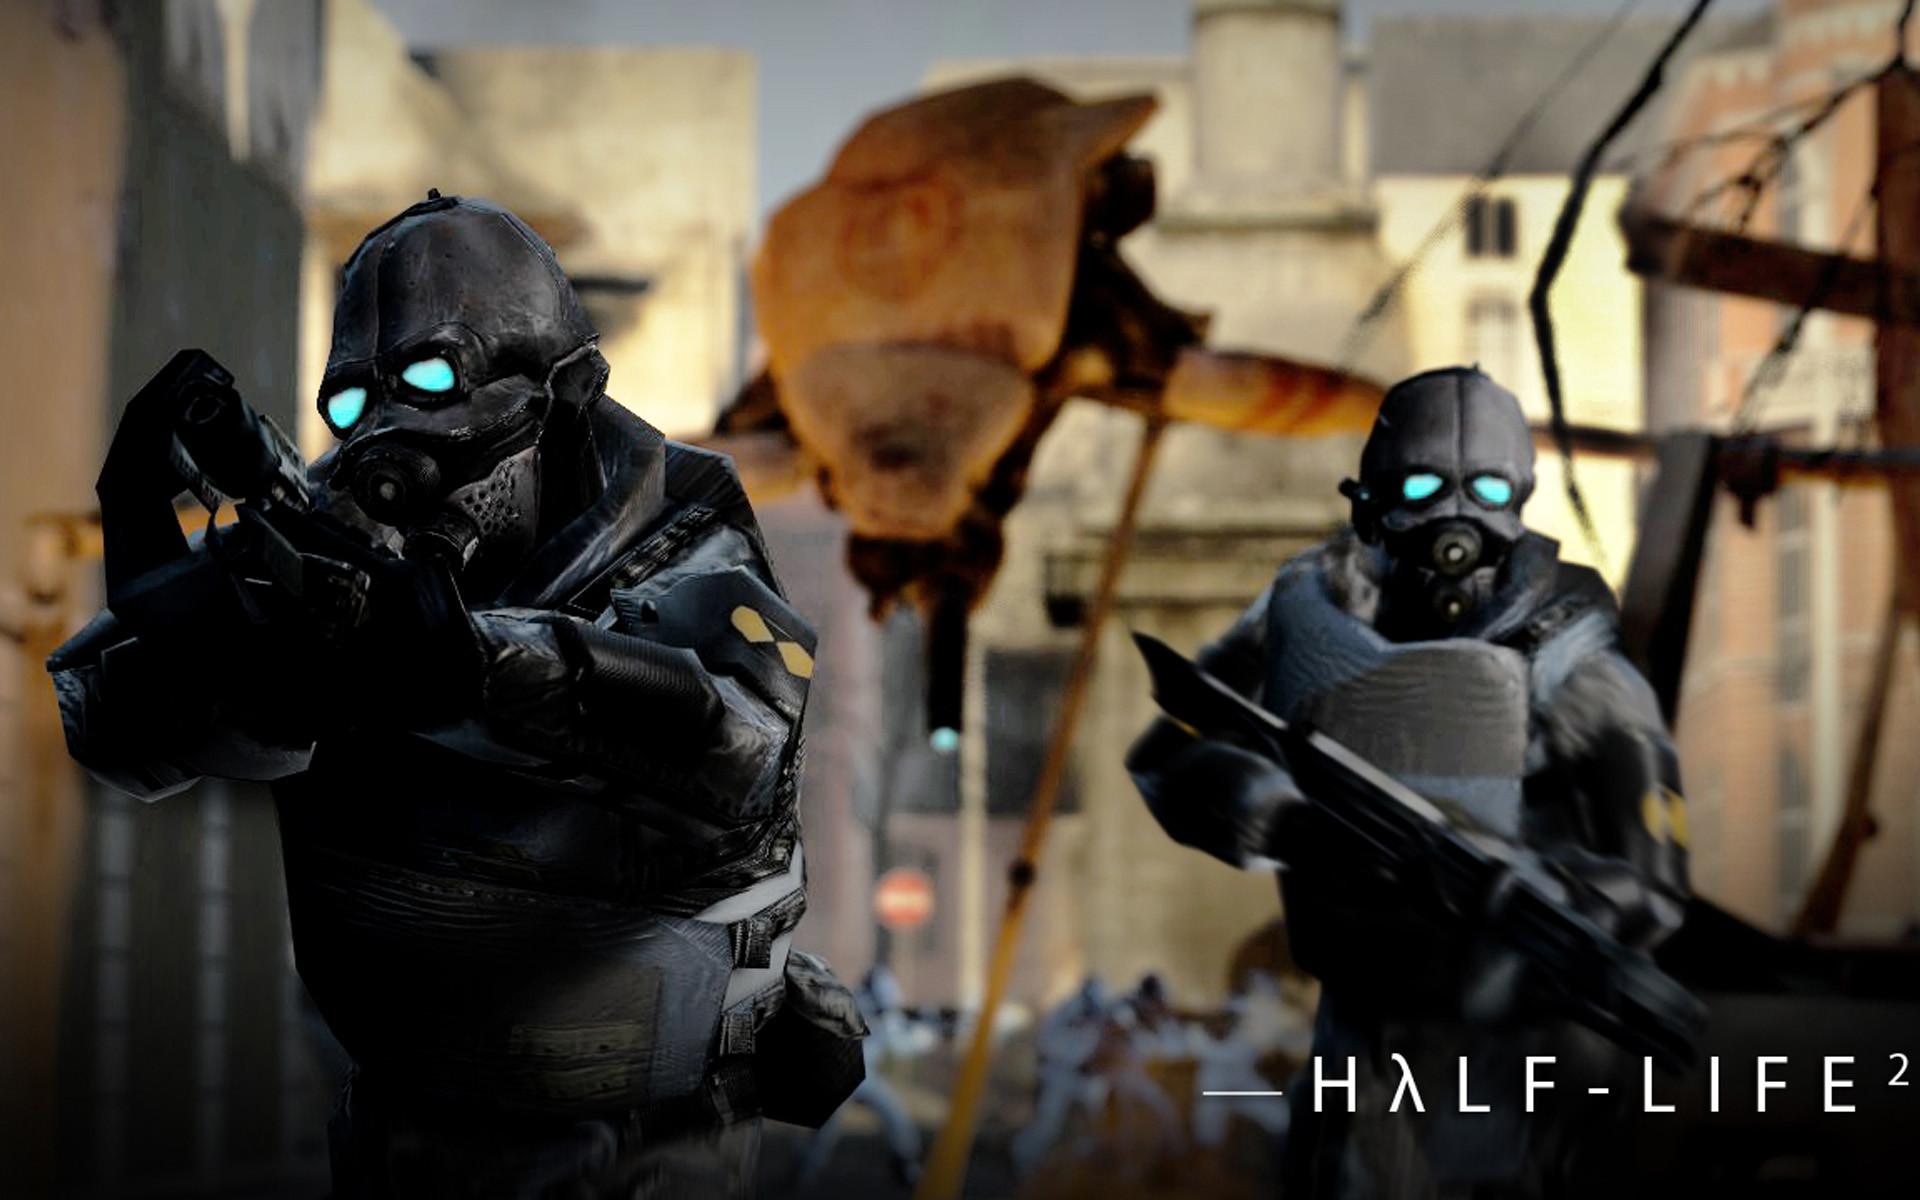 Download Half Life 2 Combine Wallpaper Gallery